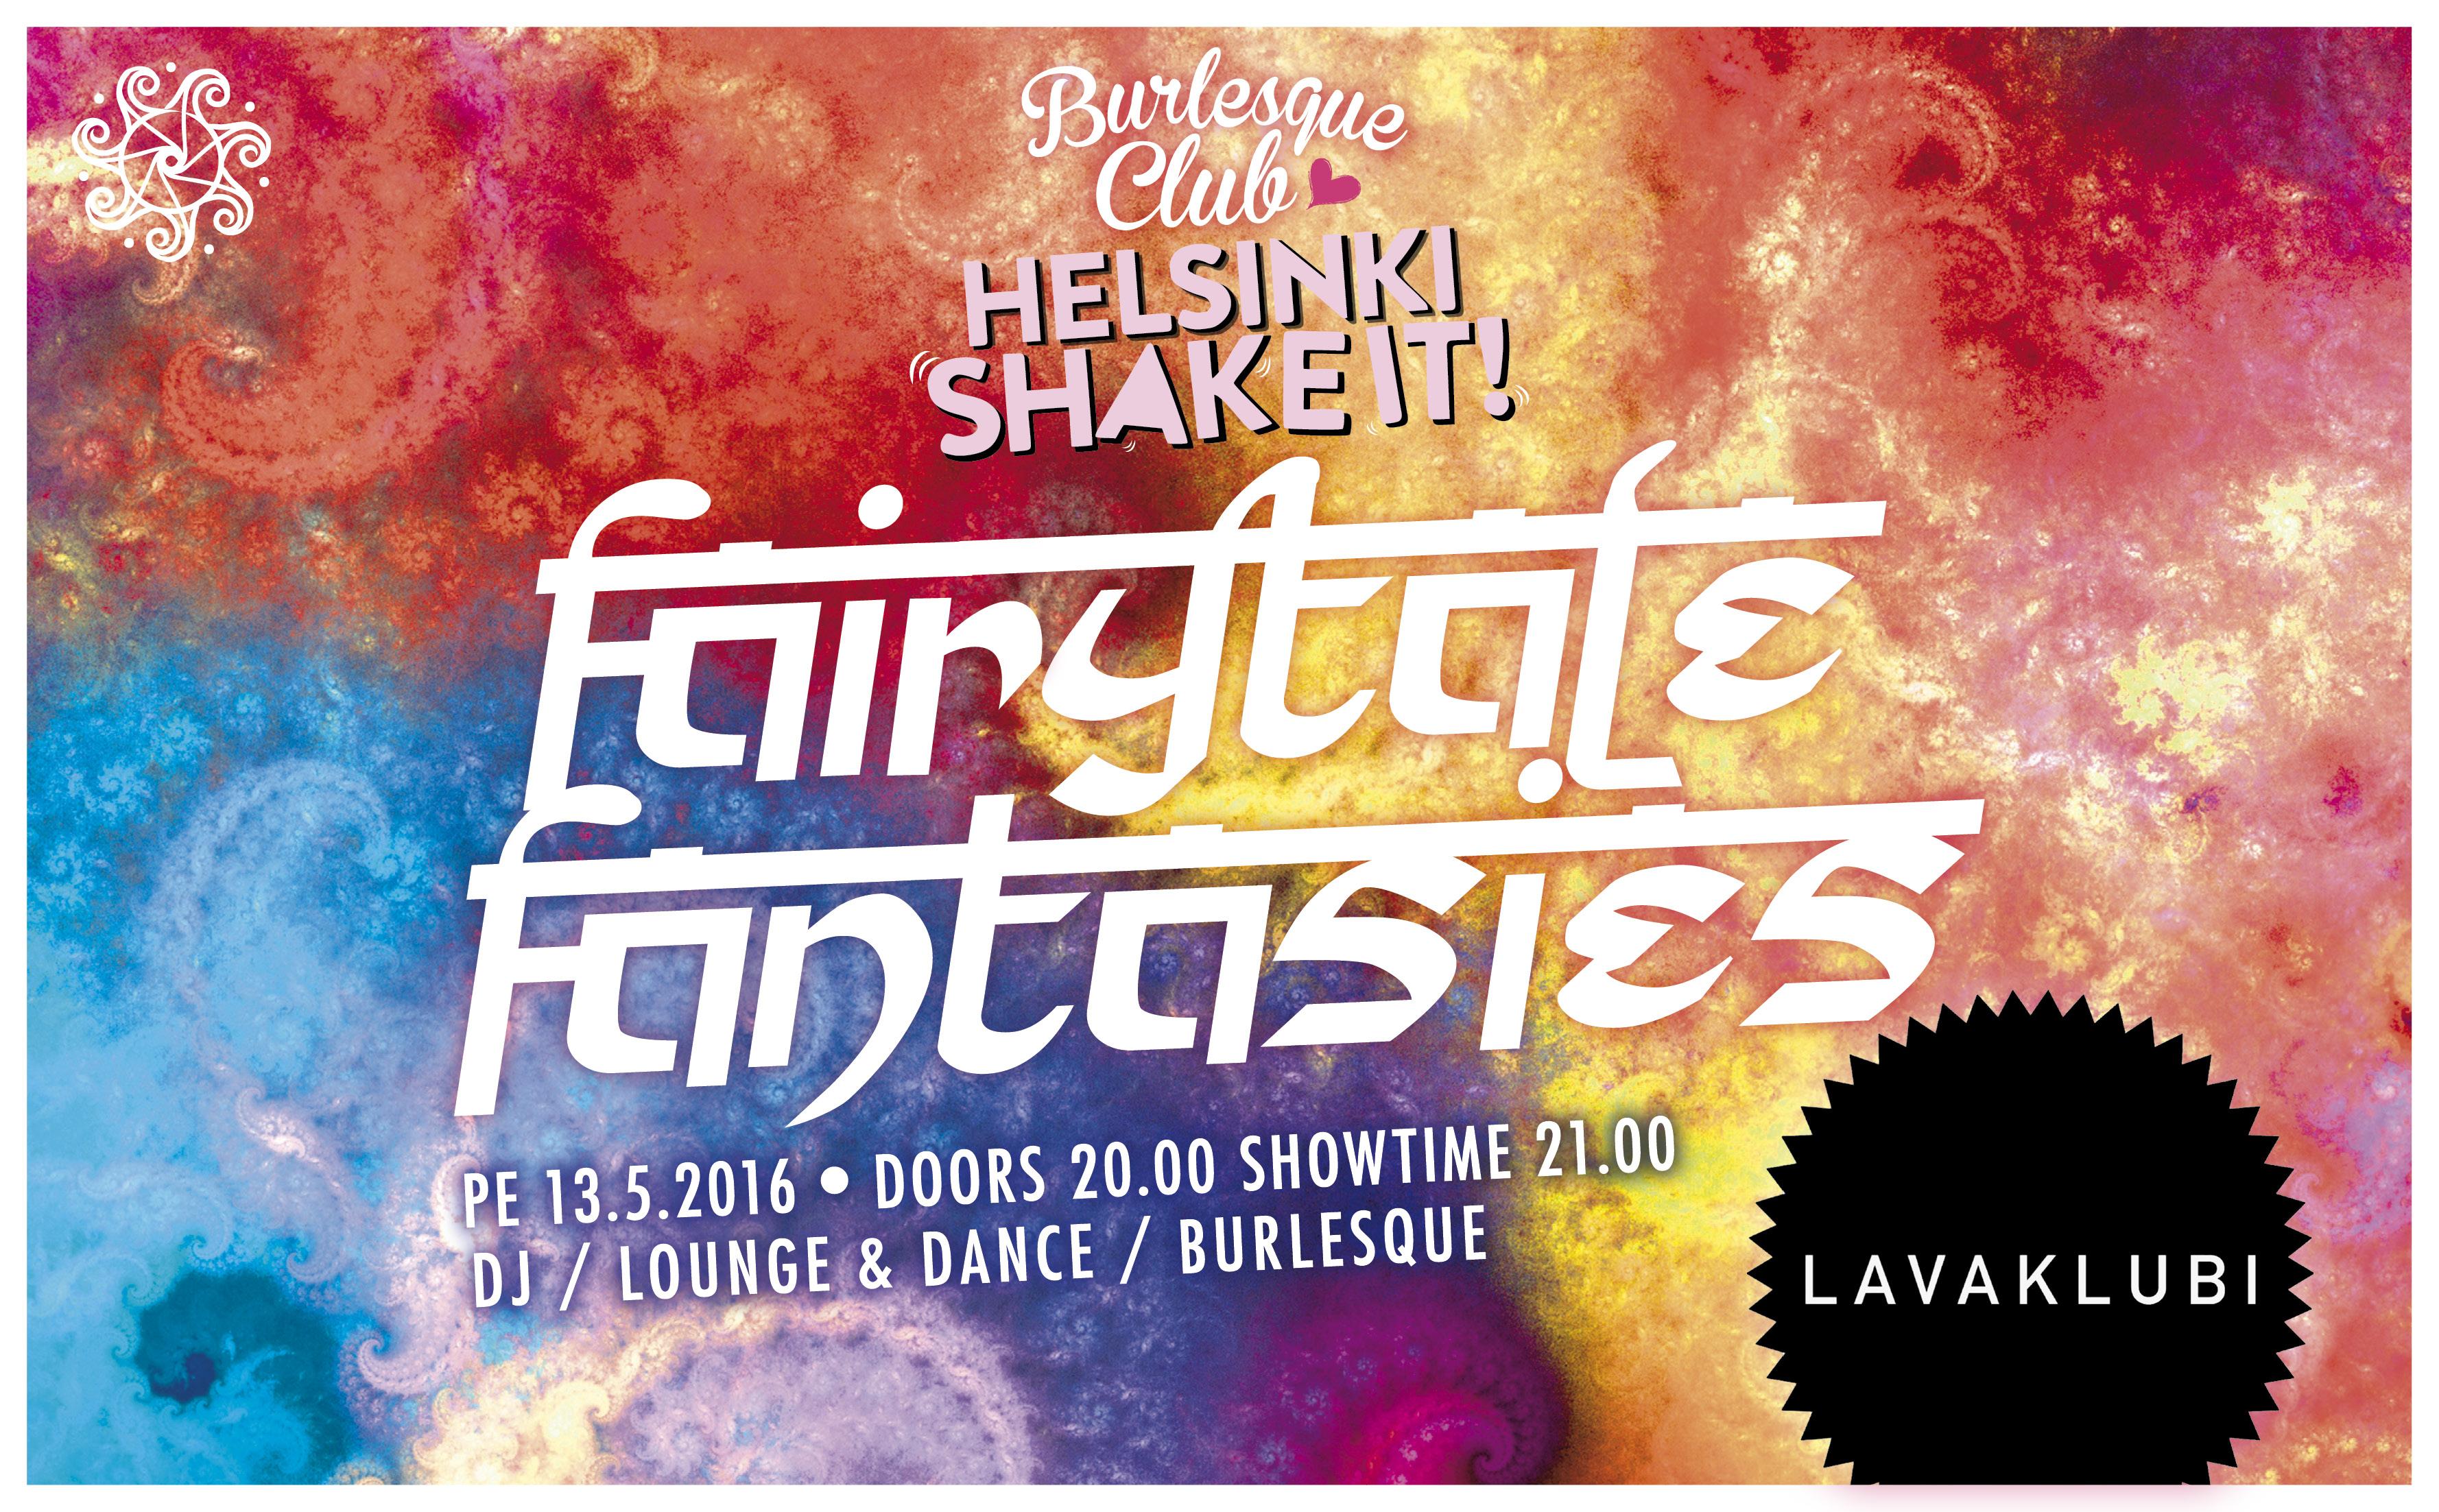 HelsinkiSHAKEIT_Fairytale_fantasies